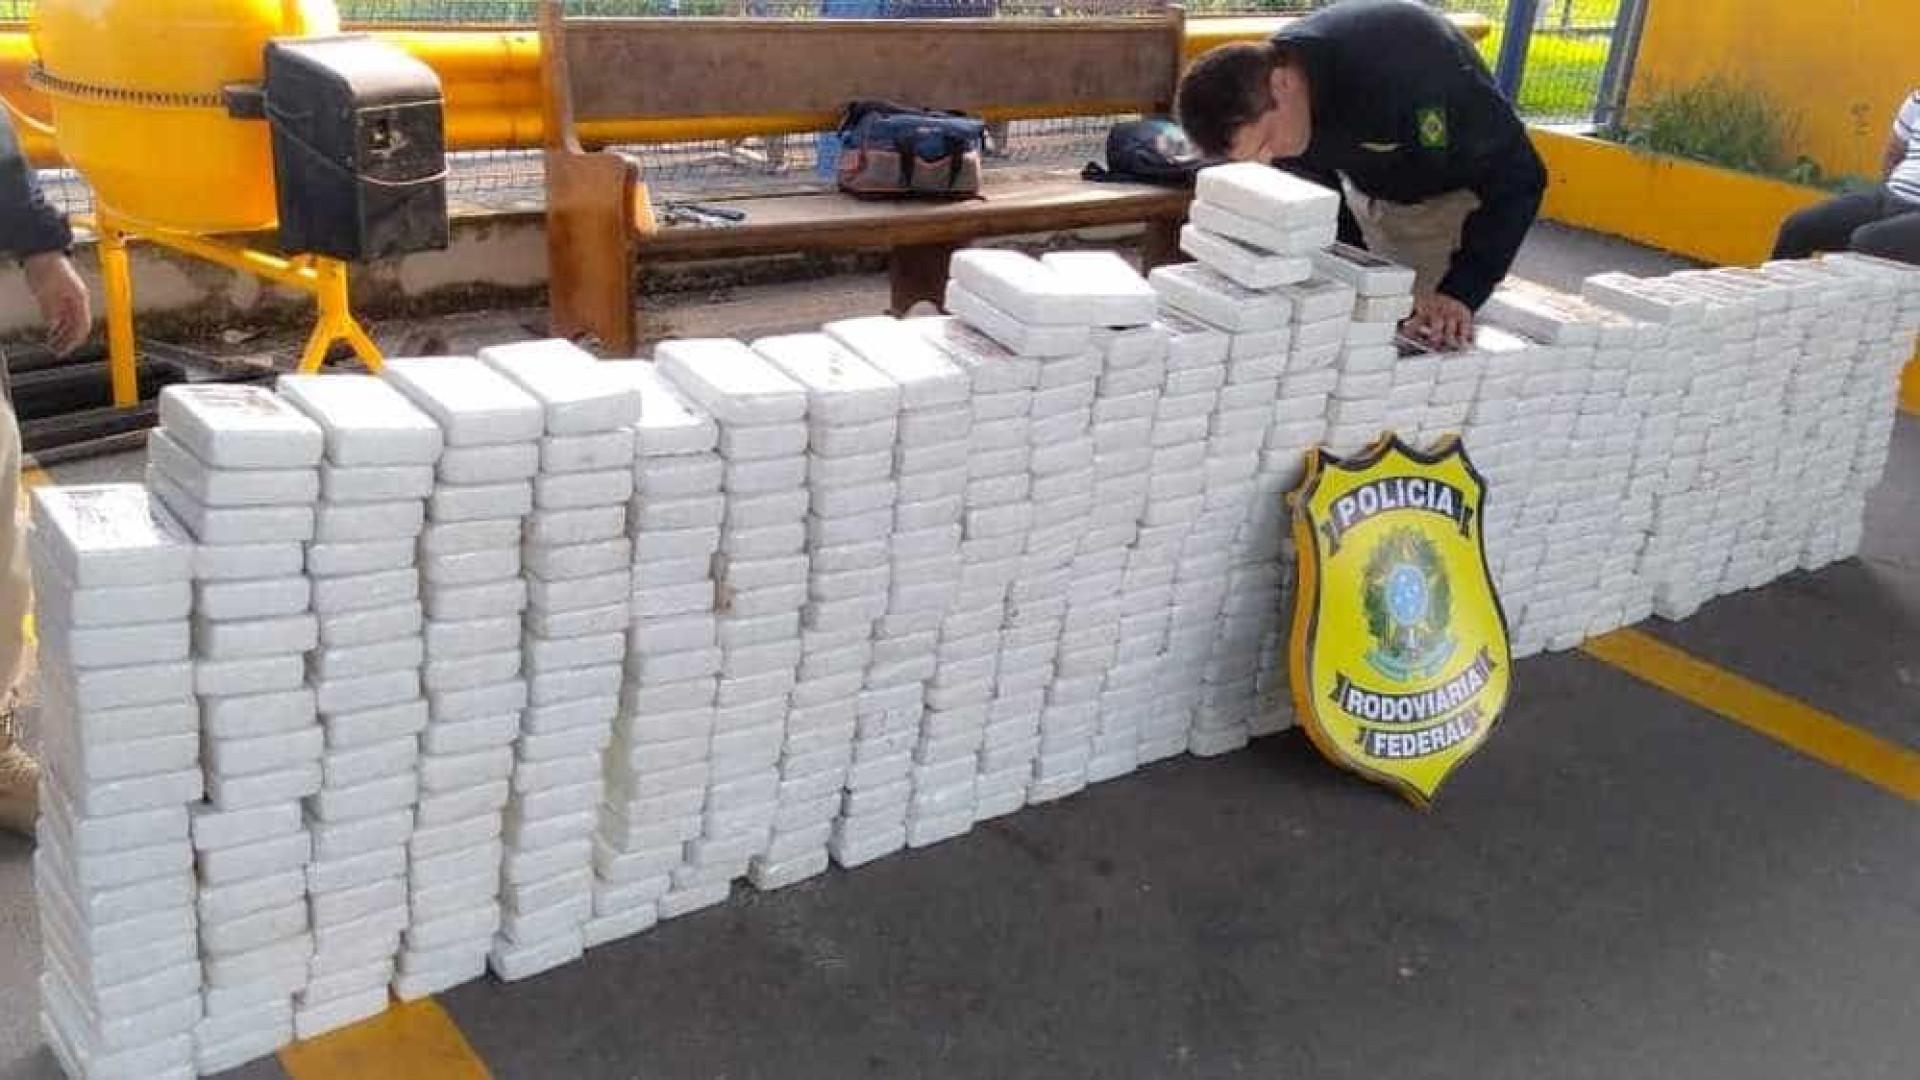 Polícia apreende mais de meia tonelada de cocaína na Dutra